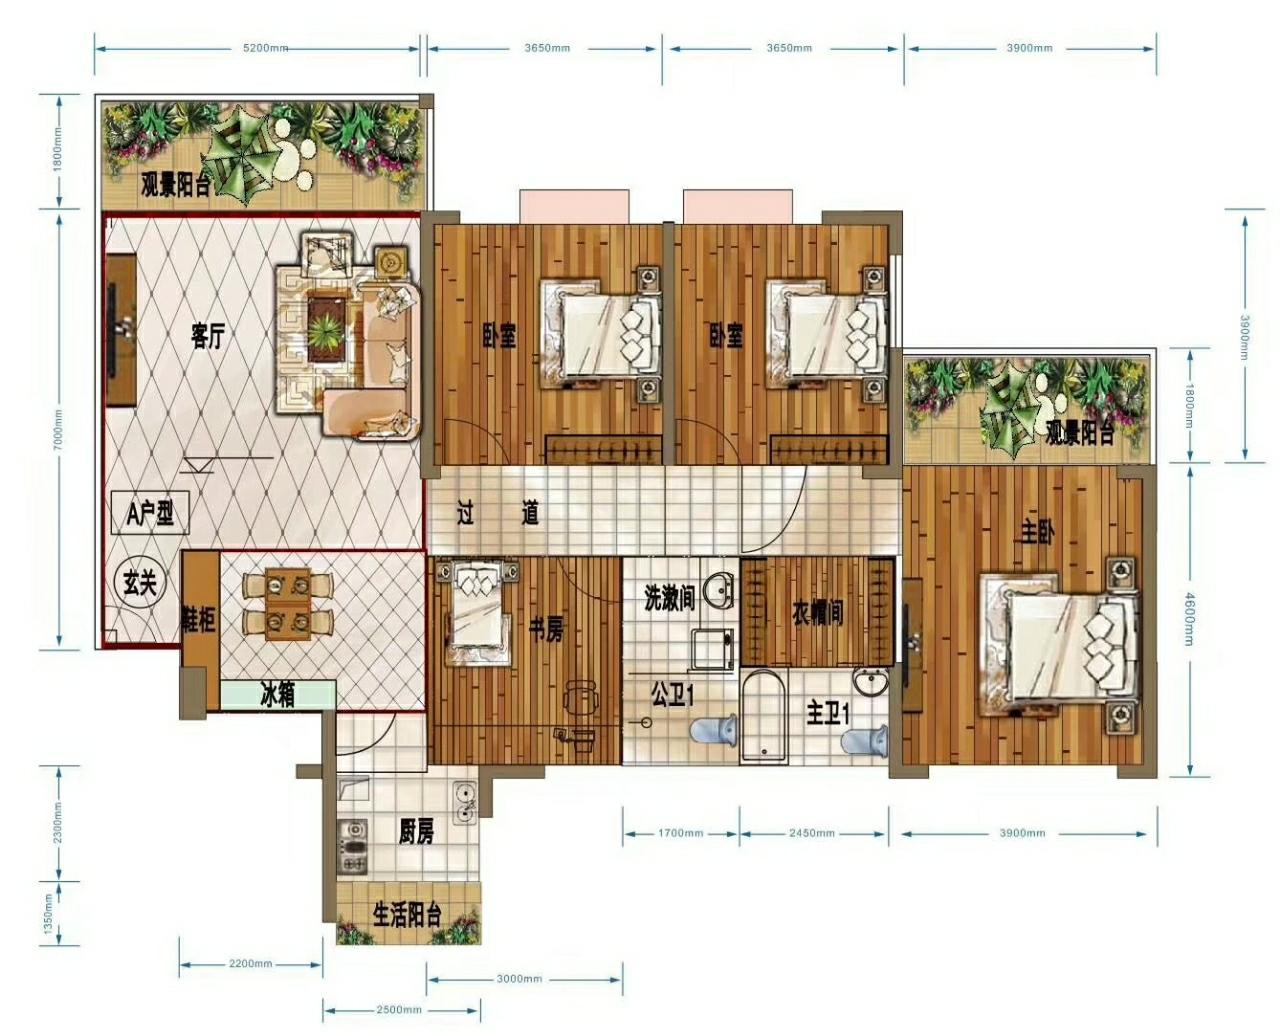 南苑—景致新城3室 2厅 2卫50万元